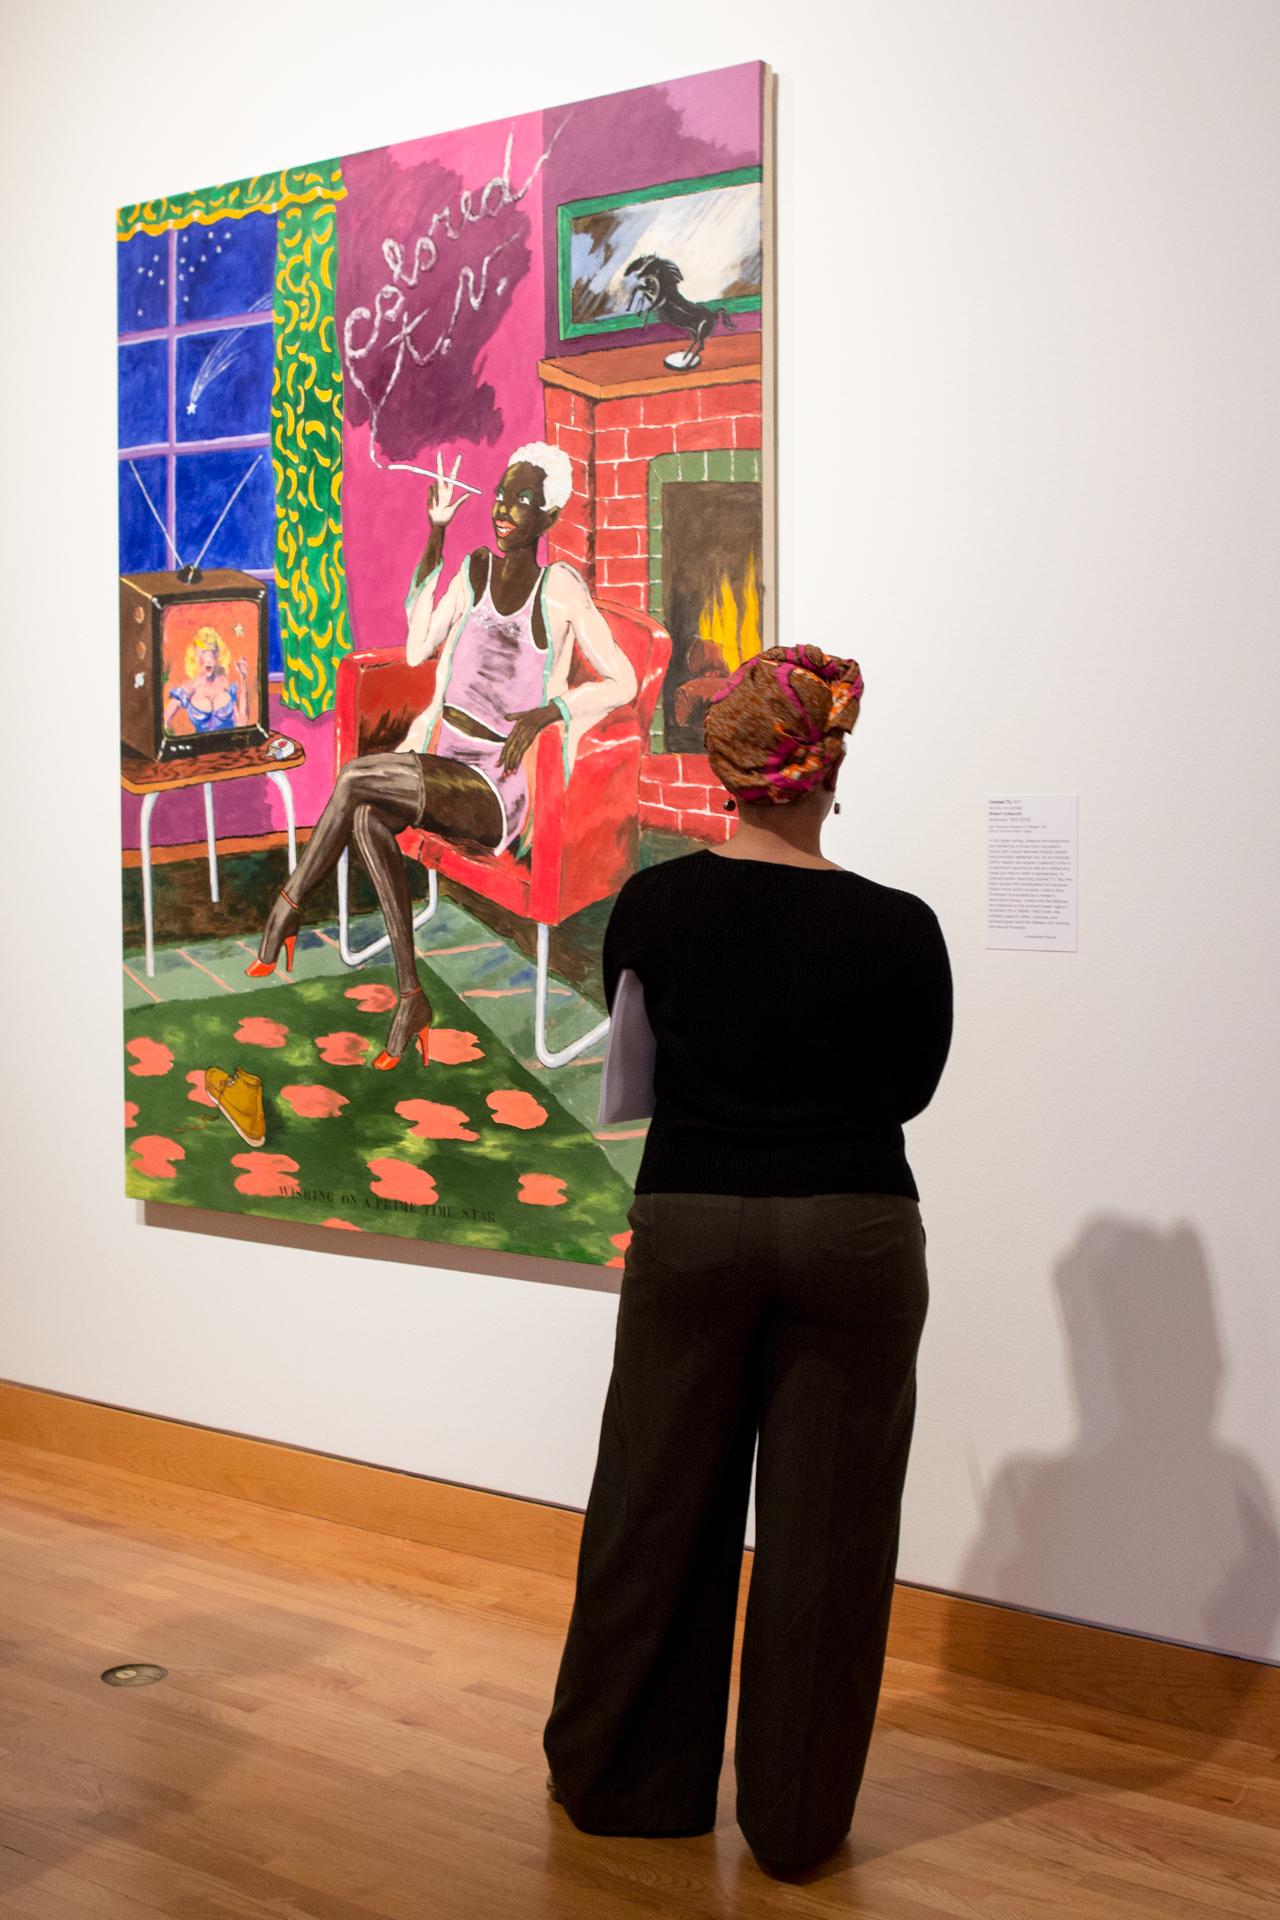 10 Surprising Facts about Artist Robert Colescott